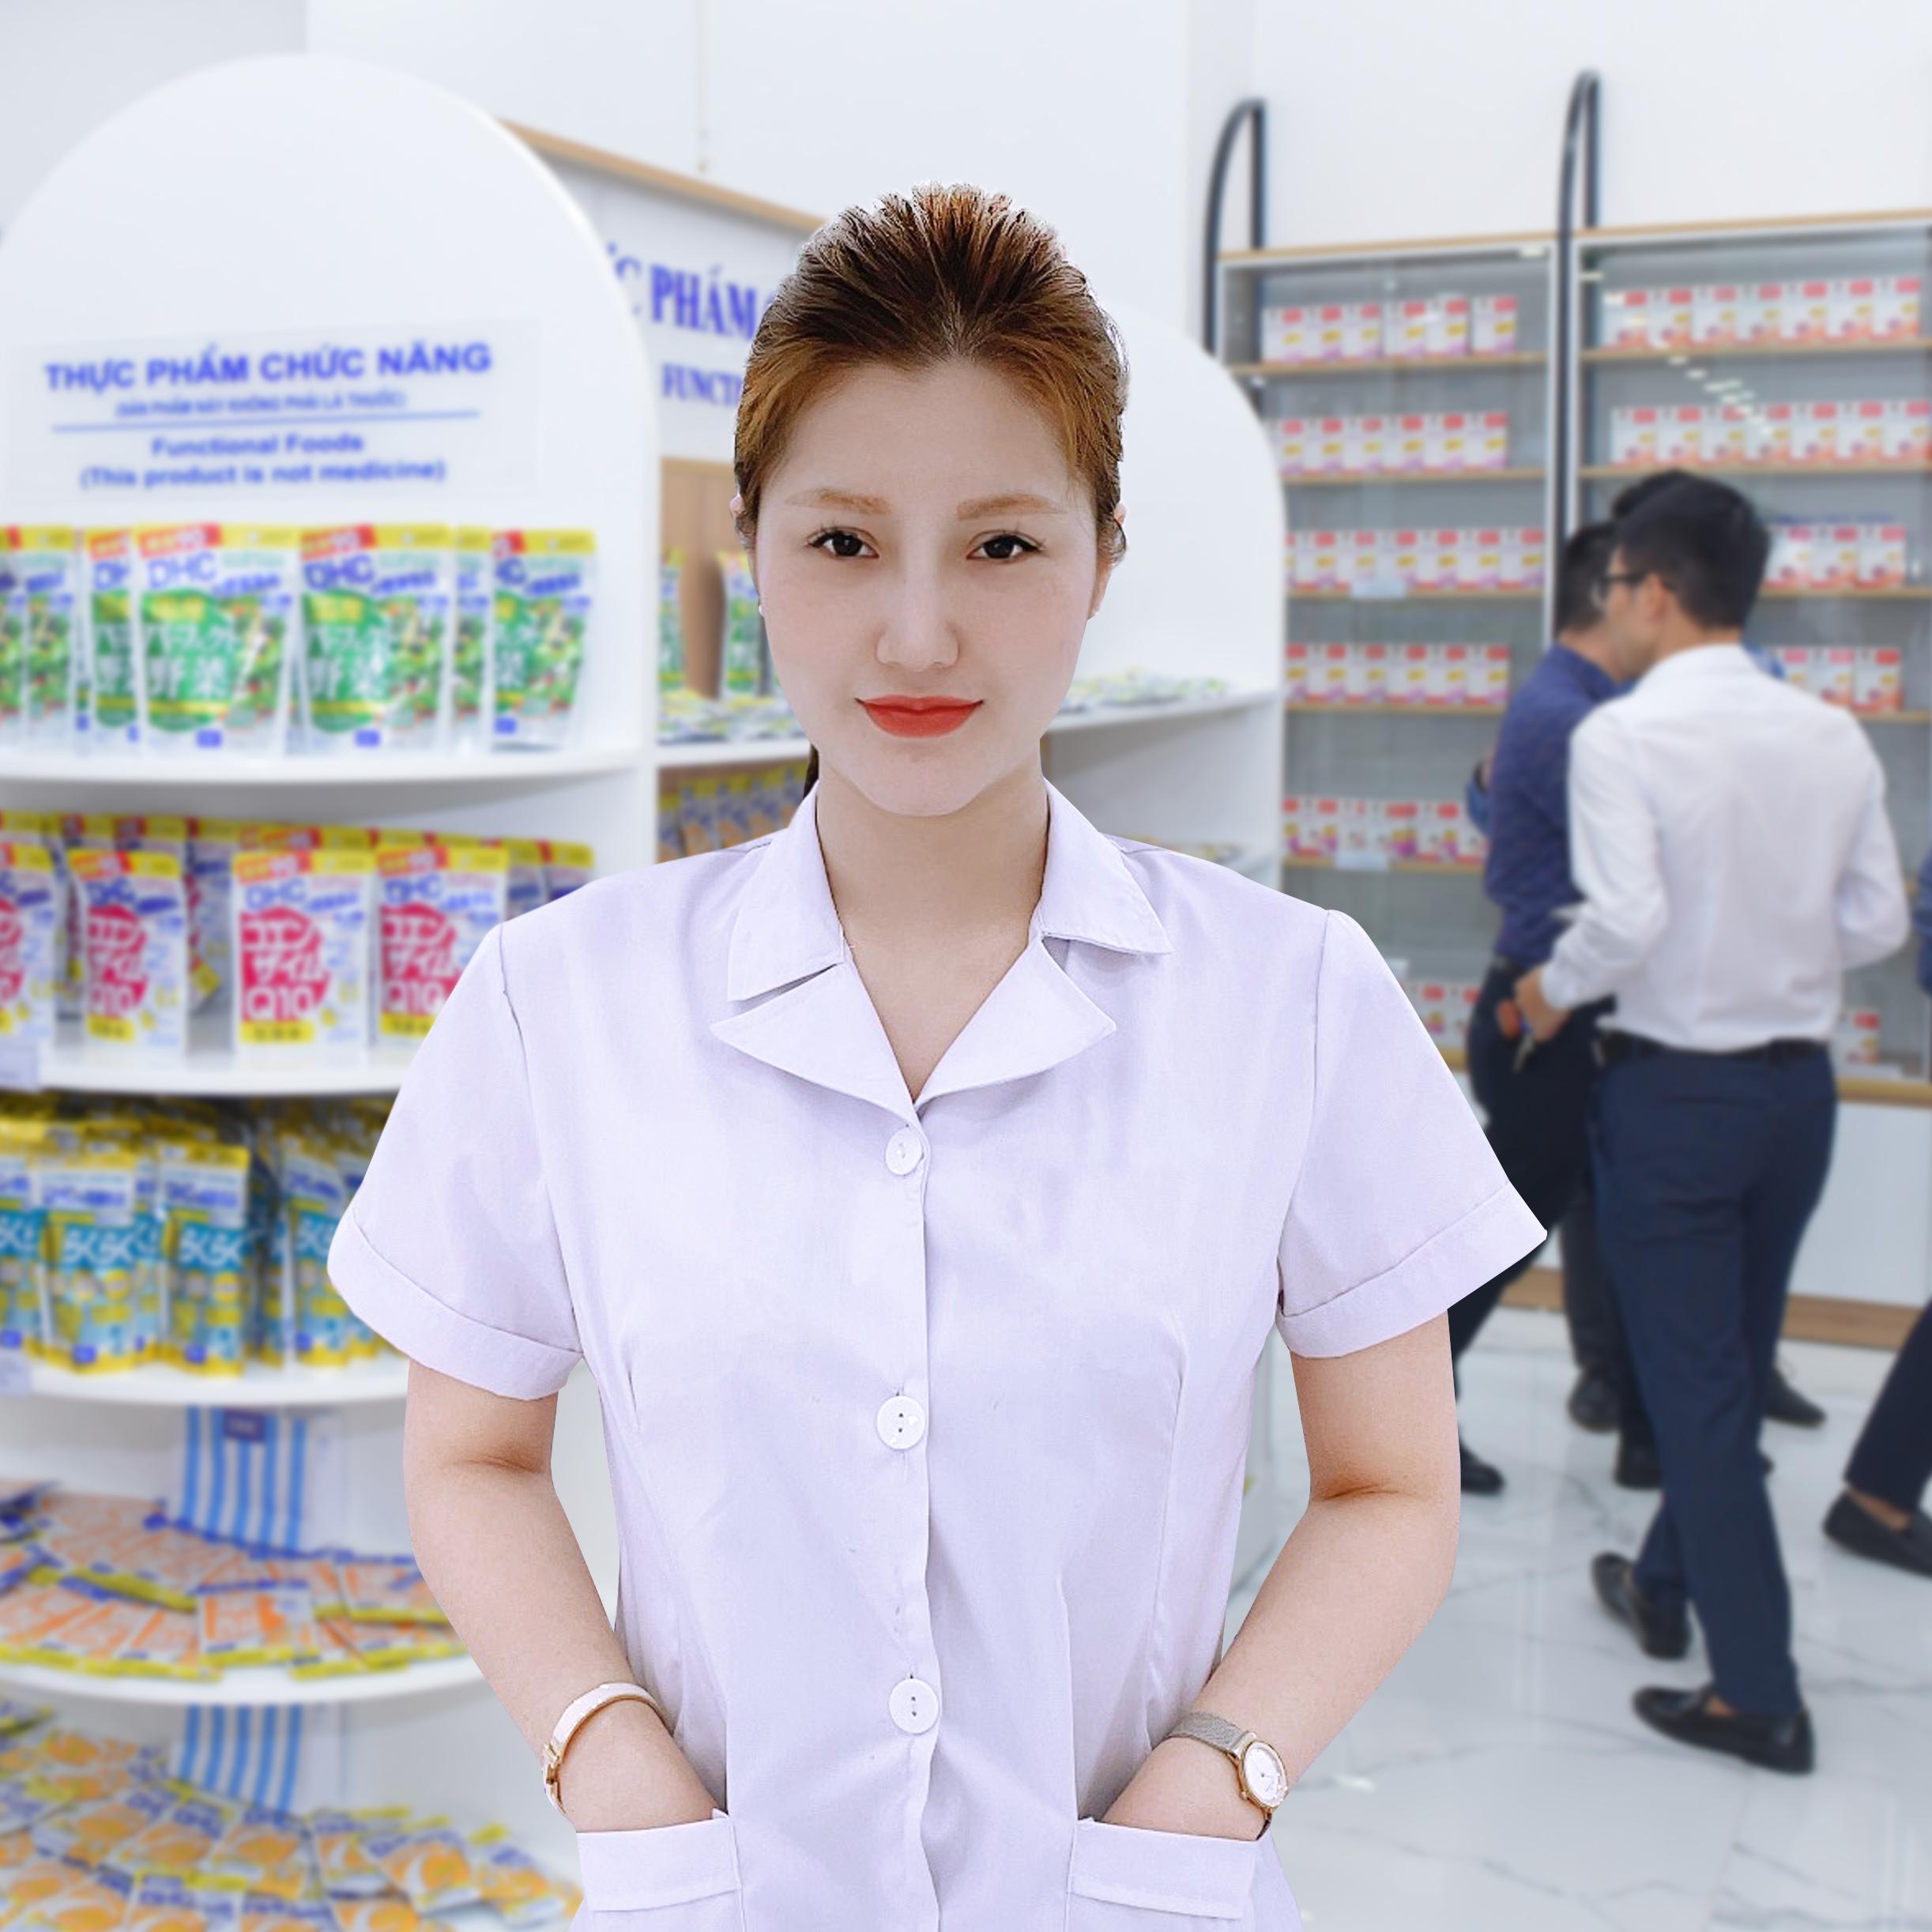 https://vietpharm.com.vn/wp-content/uploads/2021/01/Vu-Dieu-Minh.jpg